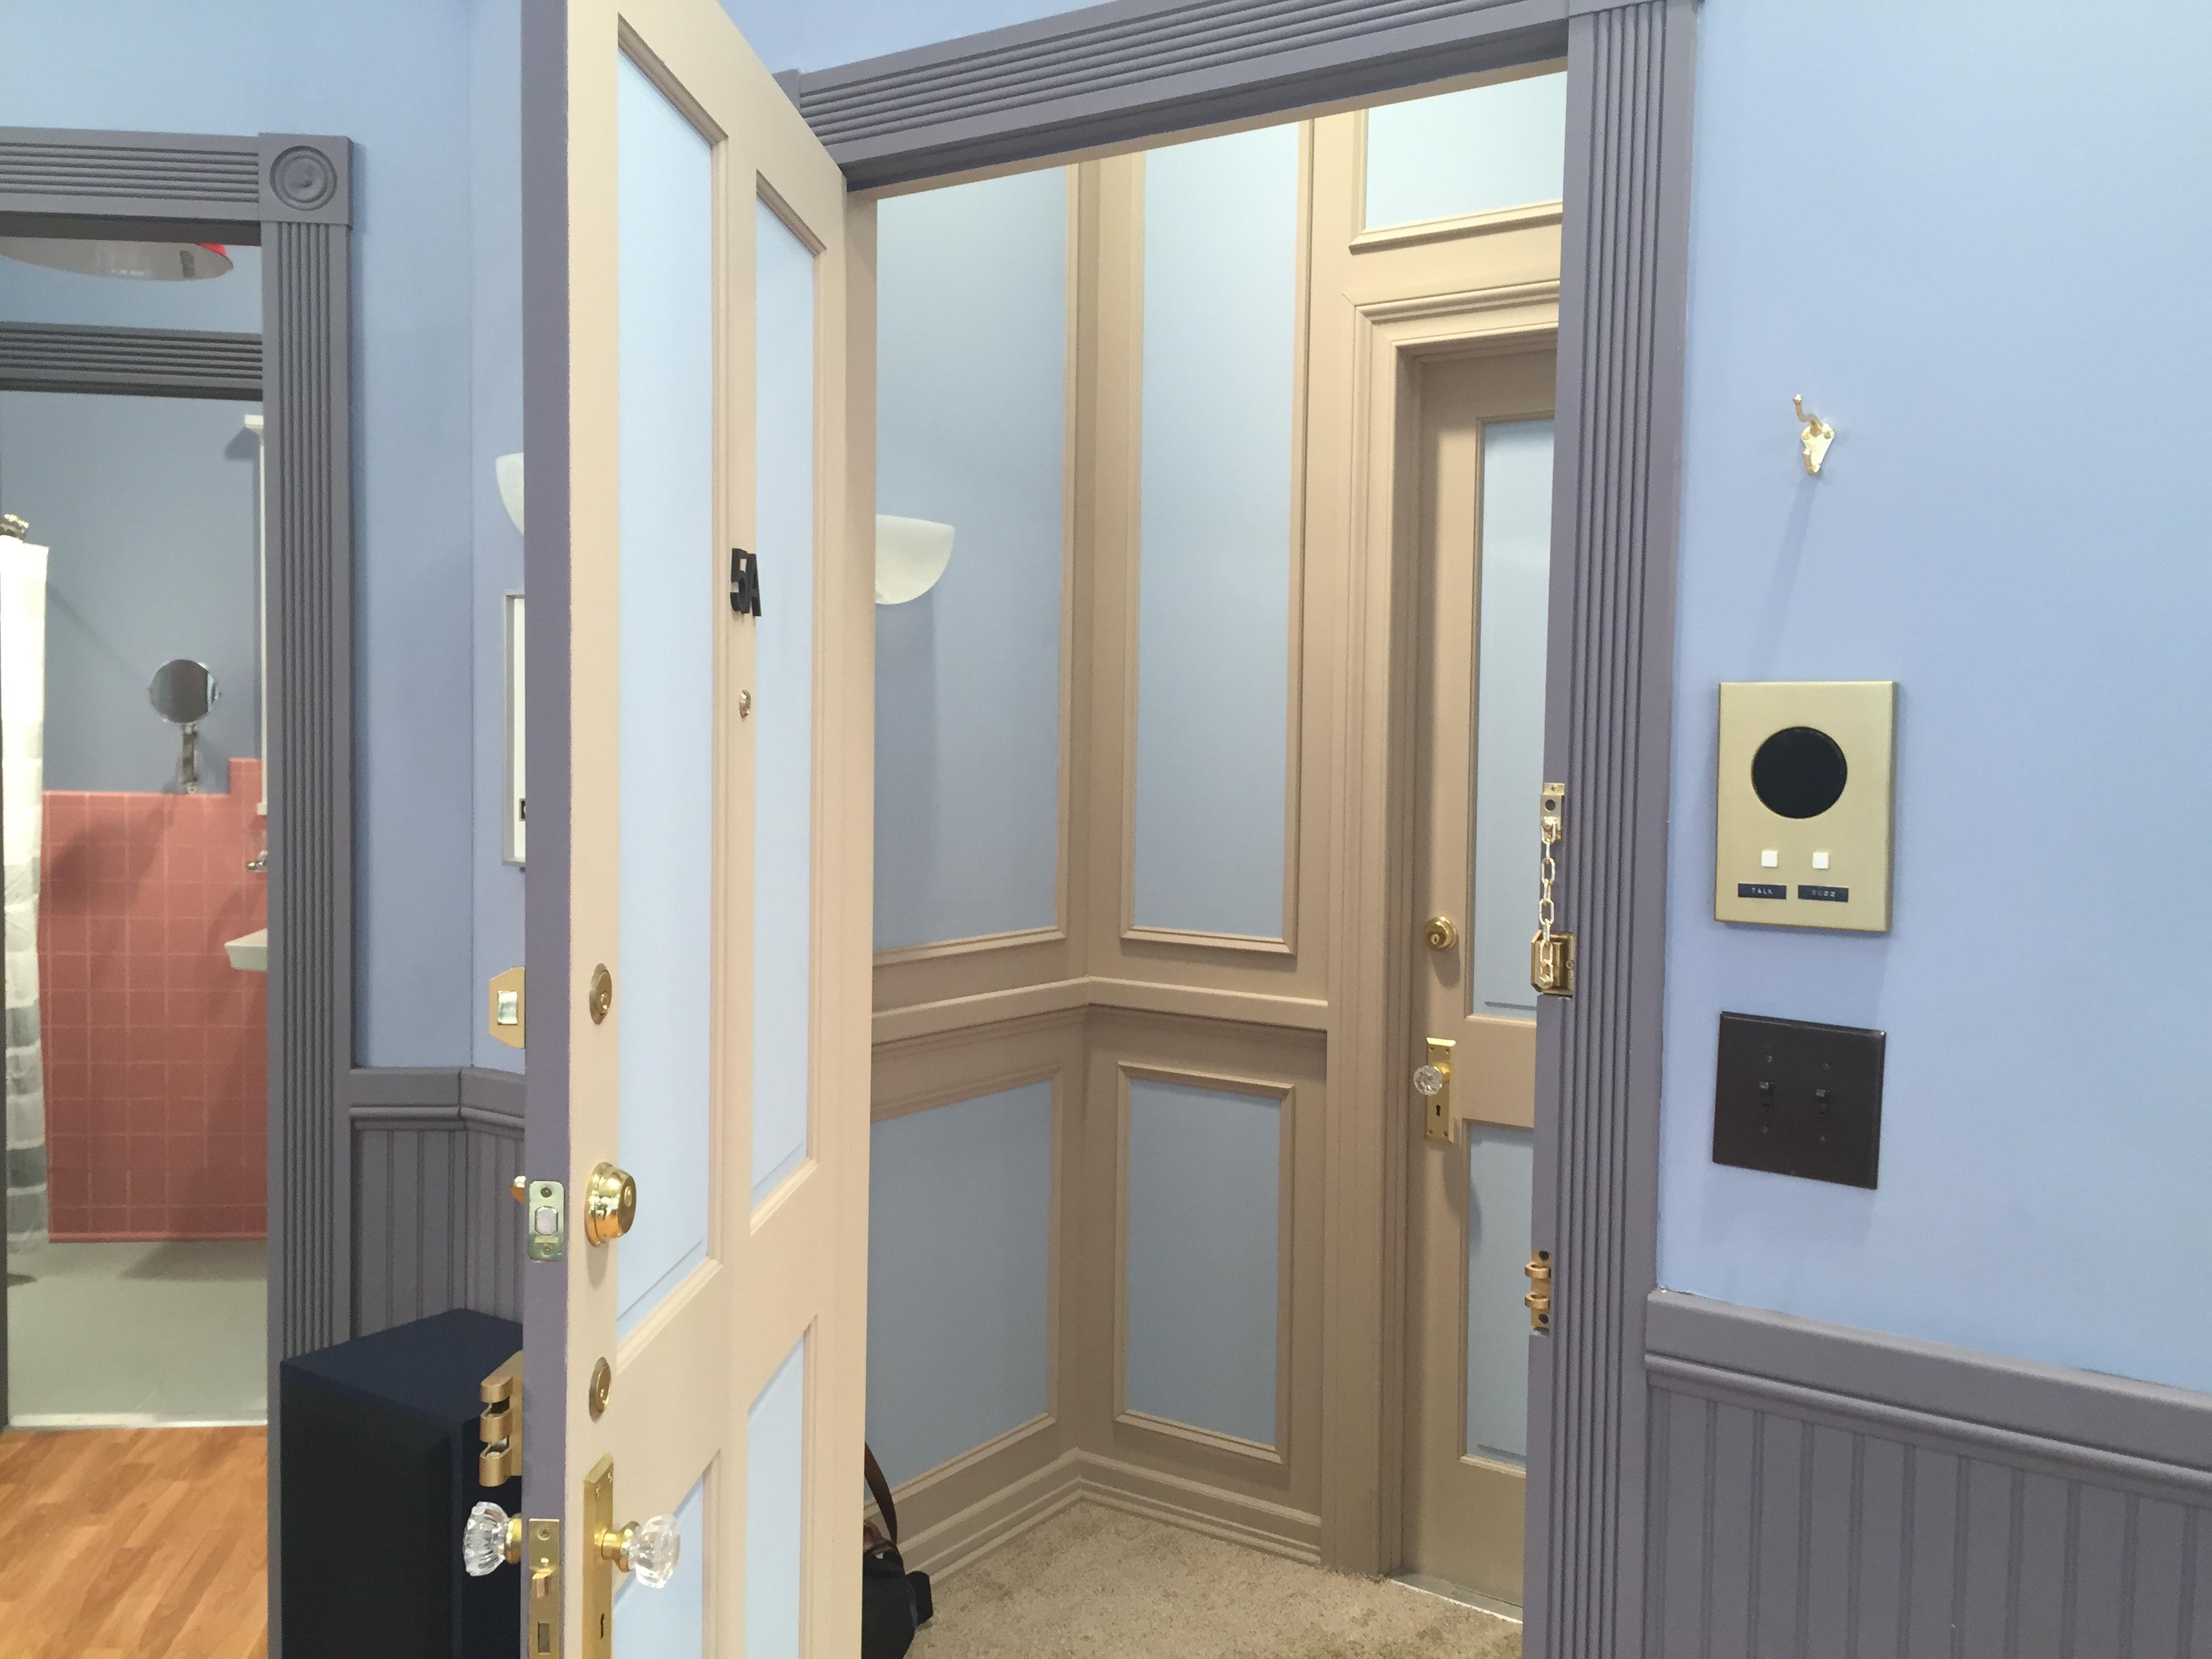 Hulu opens Seinfeld apartment replica in NYC